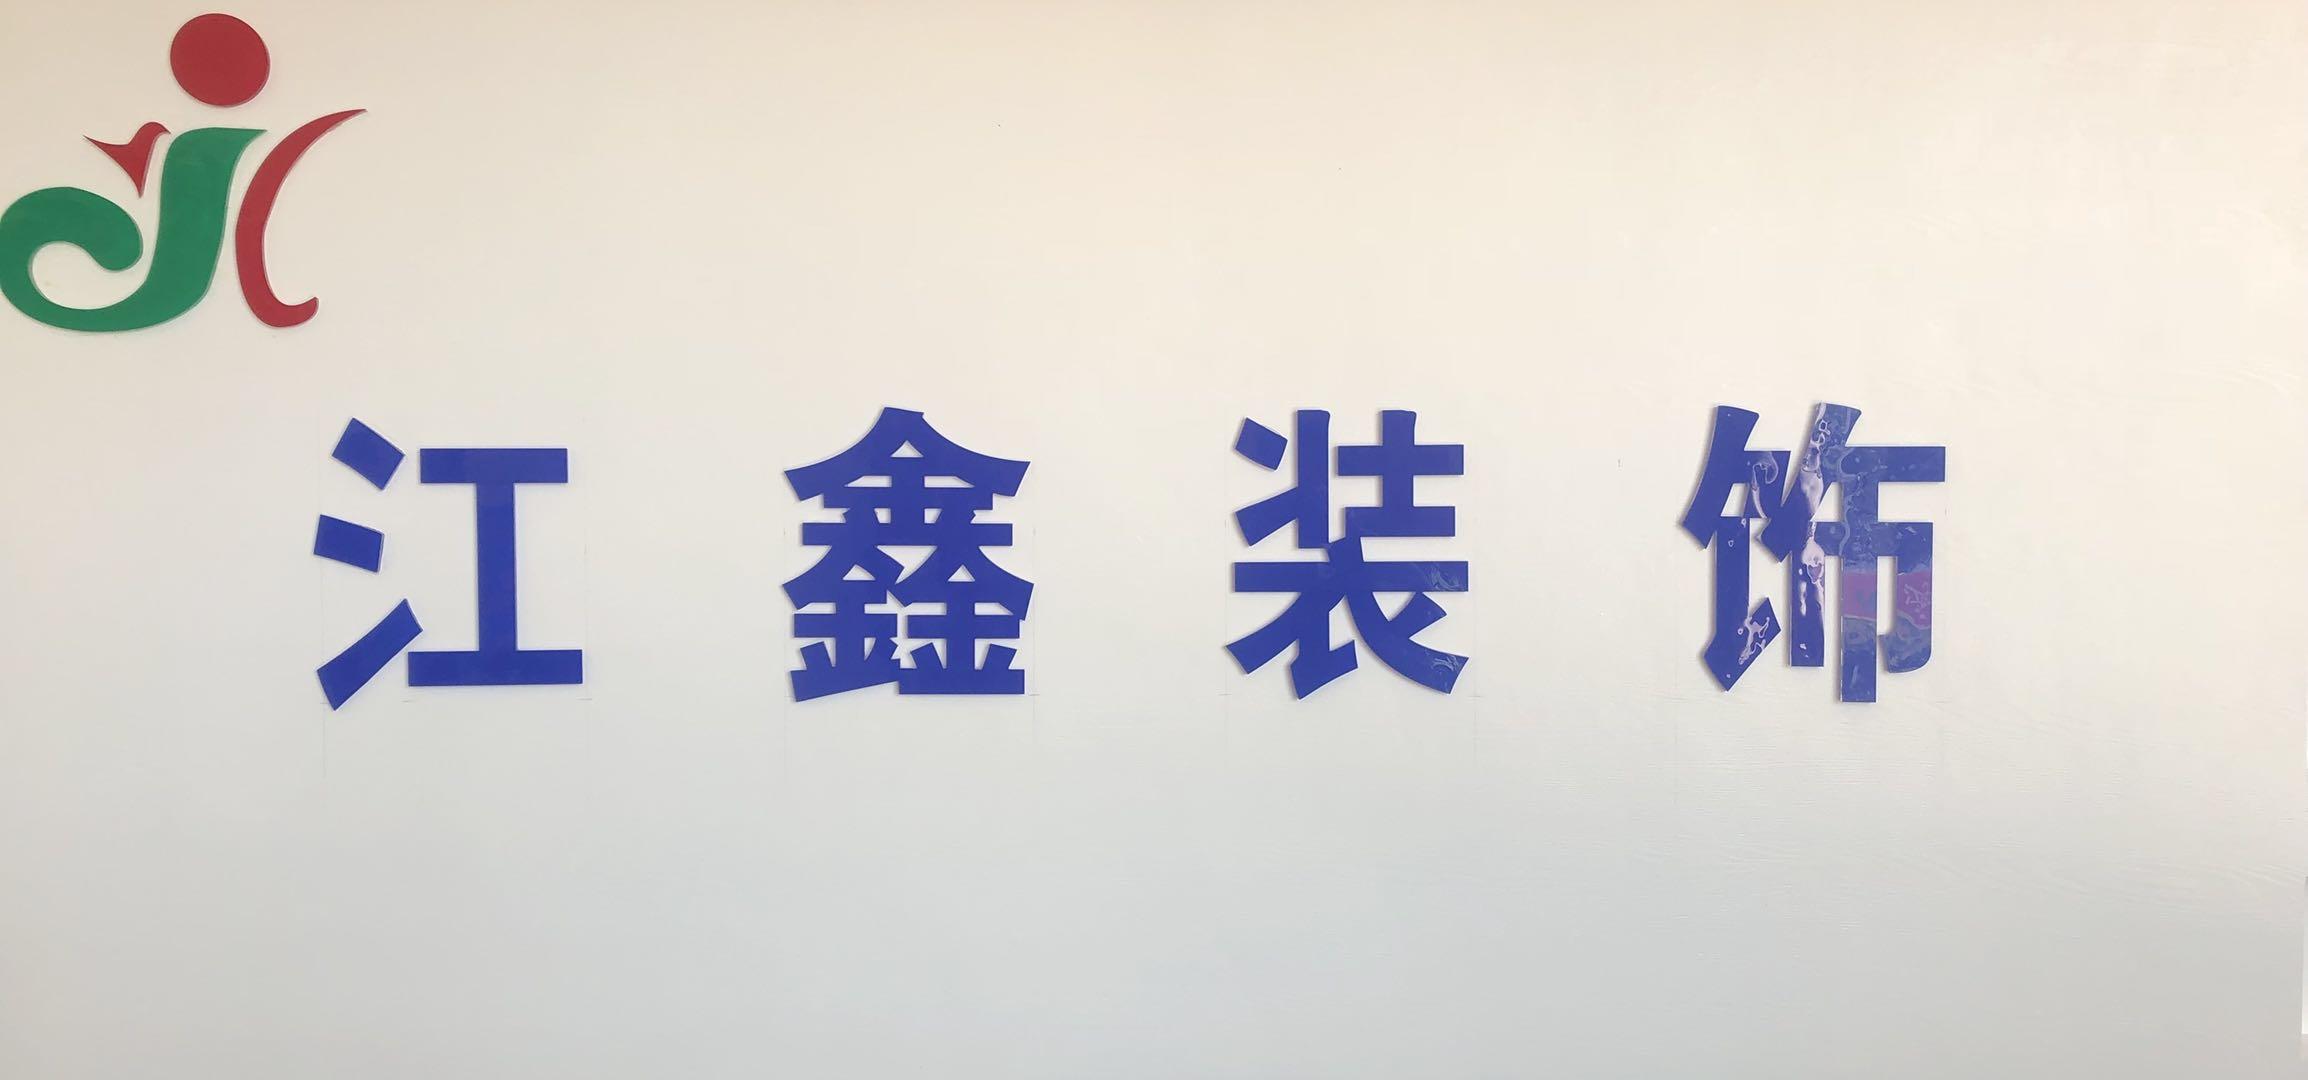 吉安江鑫装饰工程有限公司